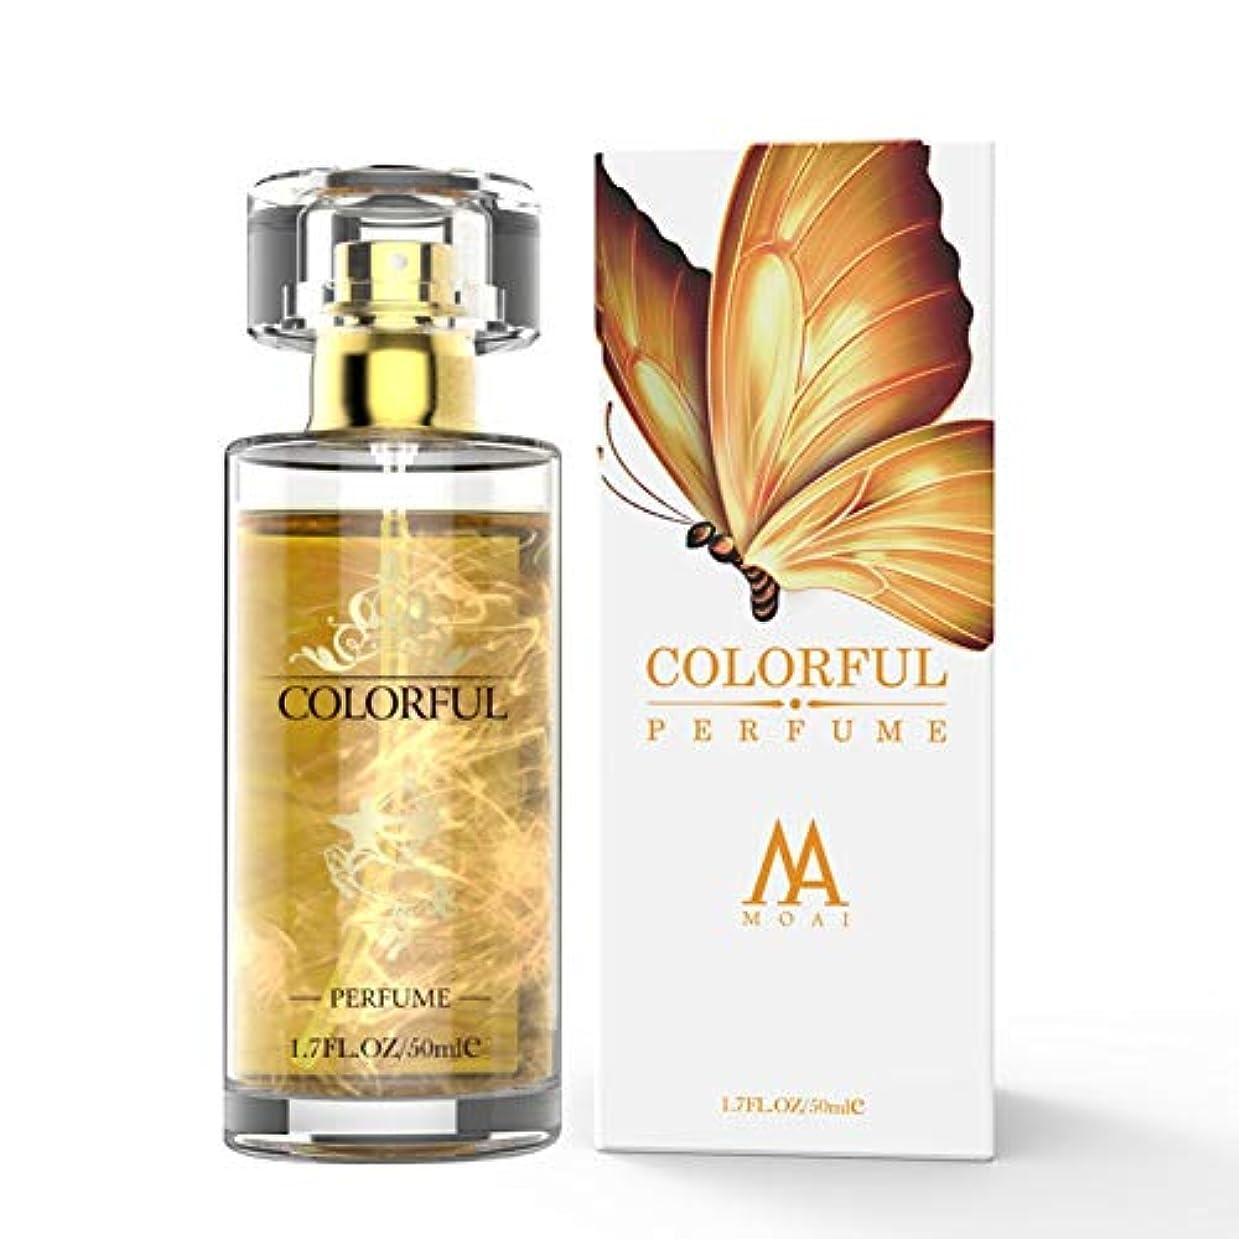 うっかりパイプラインレンチDkhsyフェロモン香水いちゃつく香水男性ボディスプレーの浮気の香水女性の媚薬香水